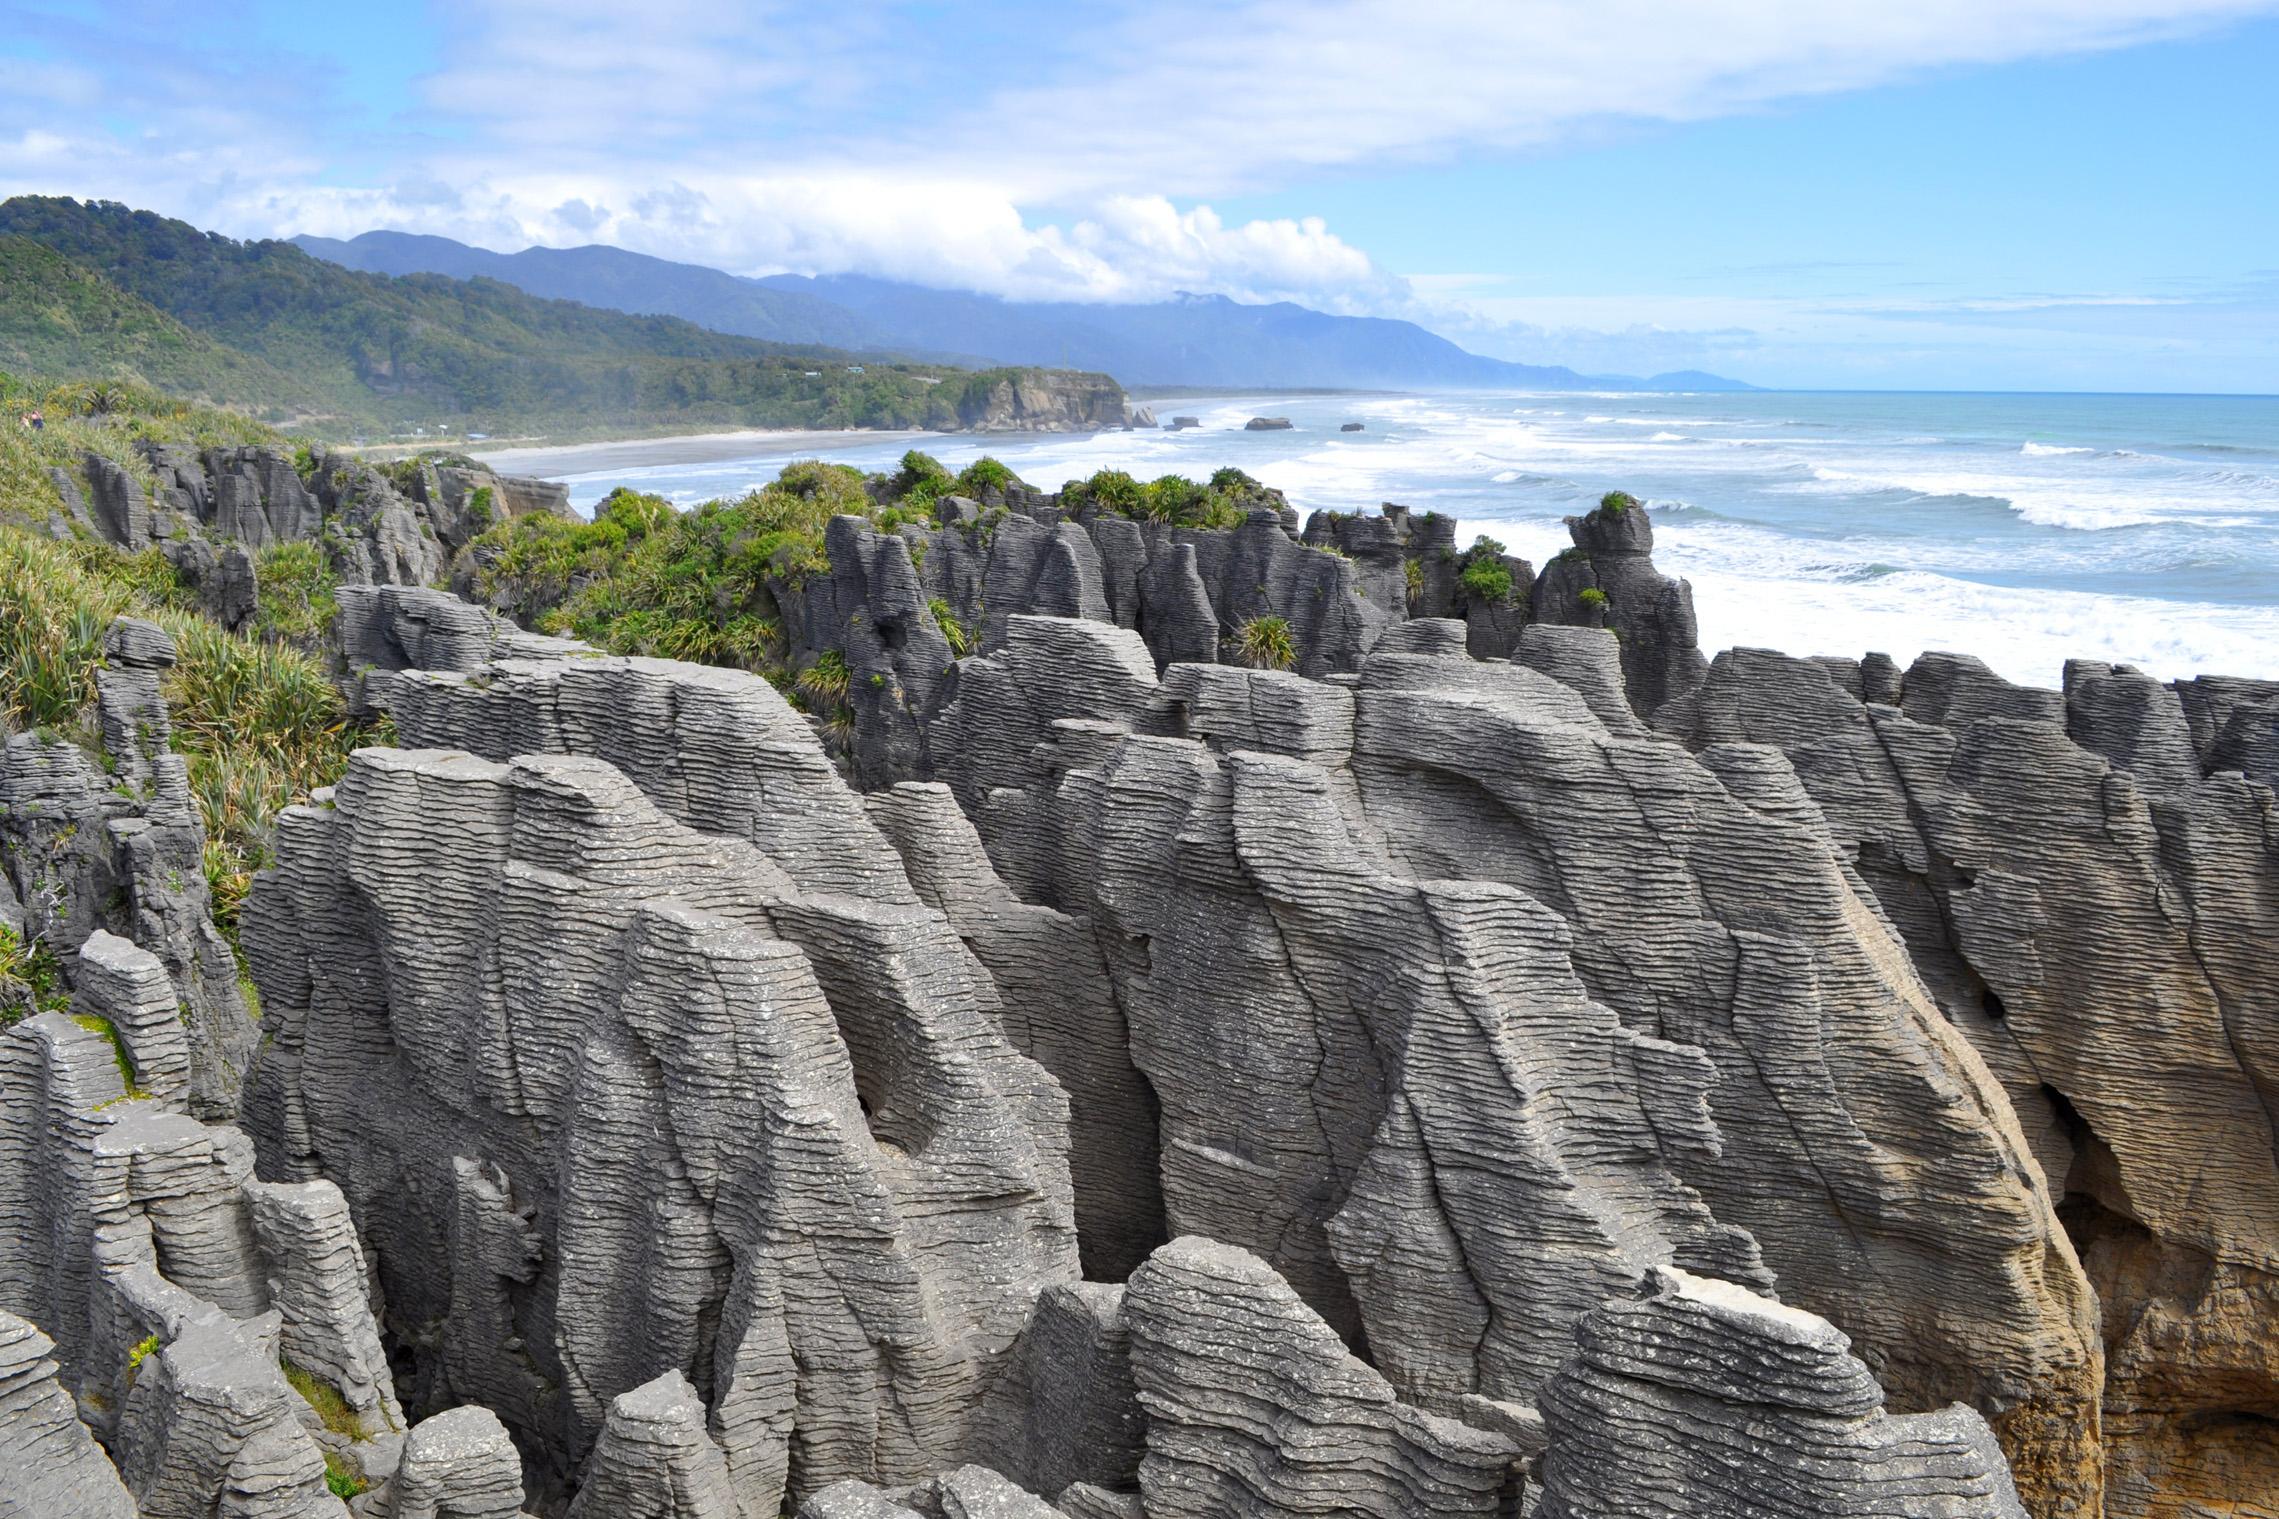 新西兰南岛-千层石岩 (Pancake Rocks)